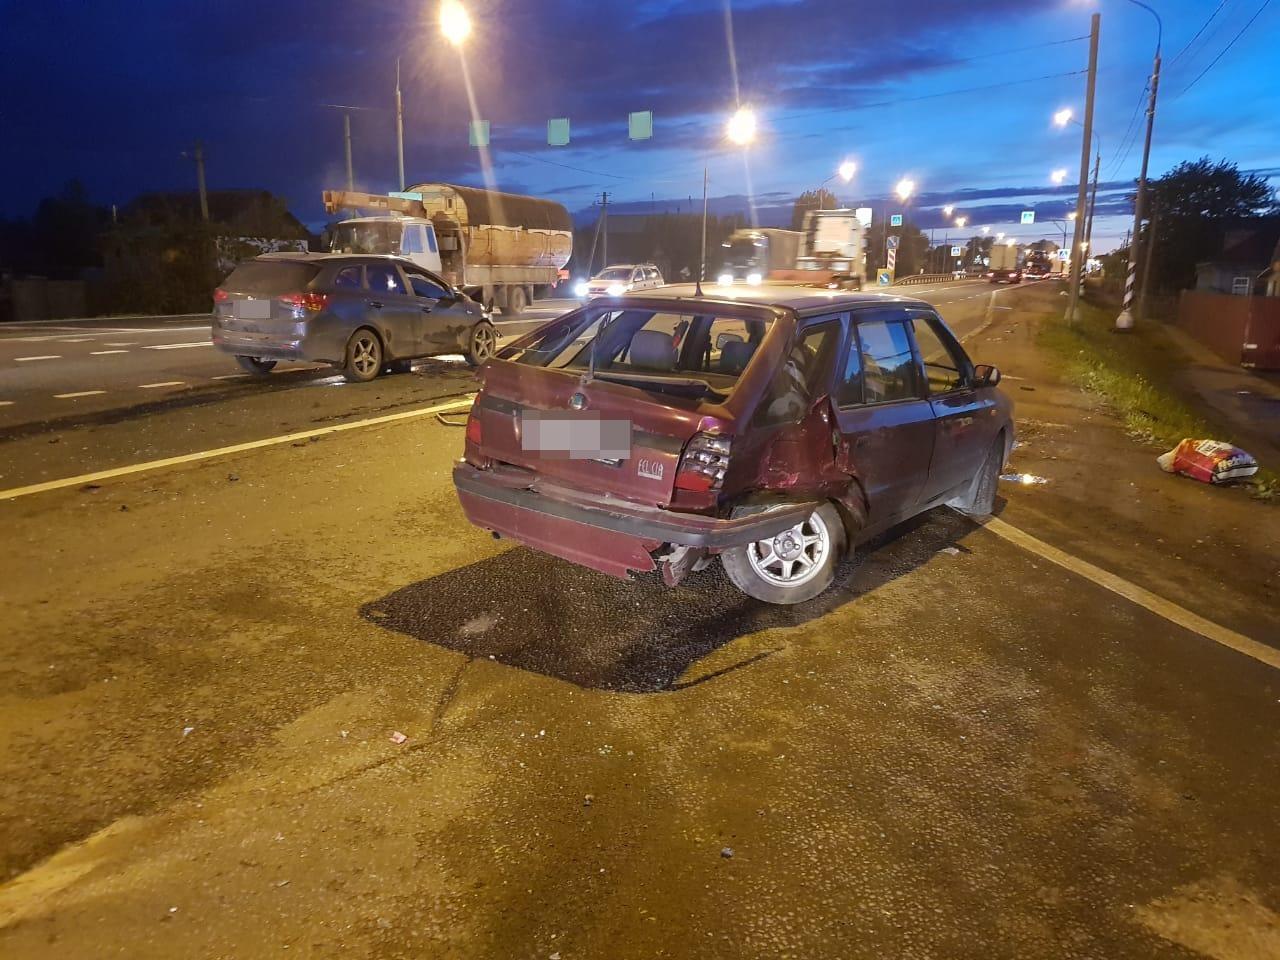 Под Тверью пьяный водитель спровоцировал ДТП с пострадавшим - новости Афанасий